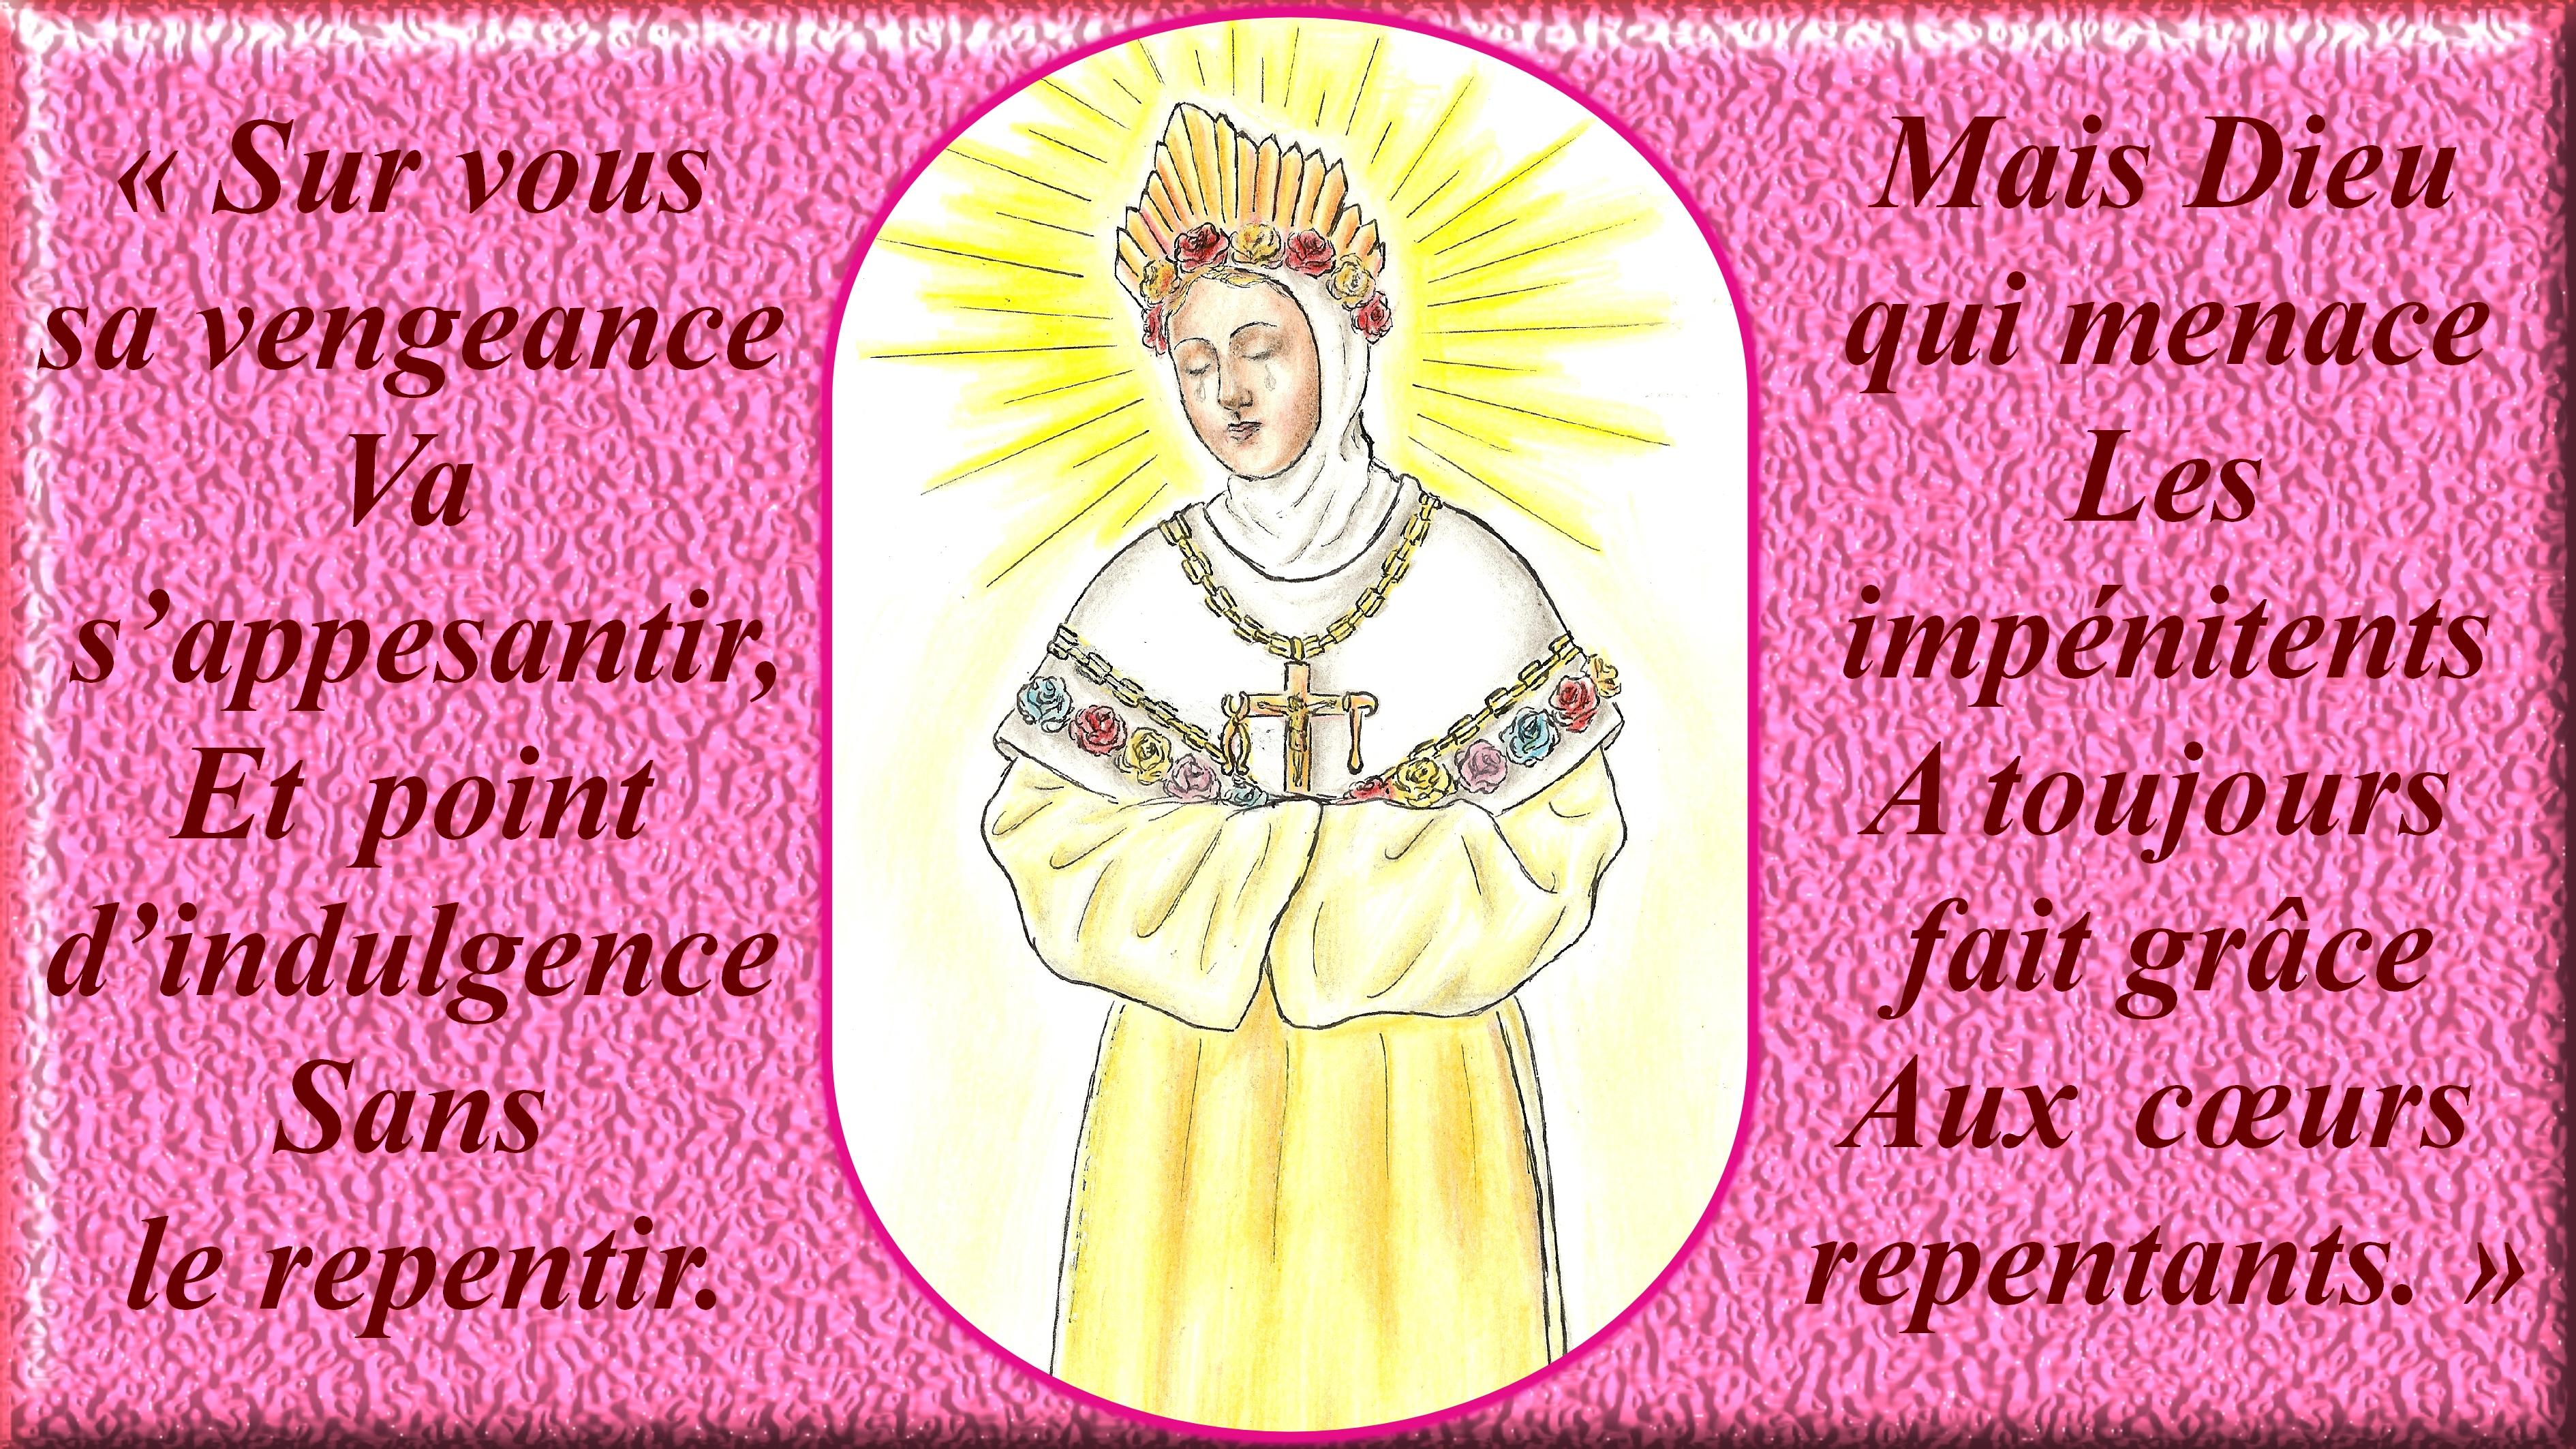 CALENDRIER CATHOLIQUE 2019 (Cantiques, Prières & Images) - Page 9 Notre-dame-de-la-...-d-tail--5693aae